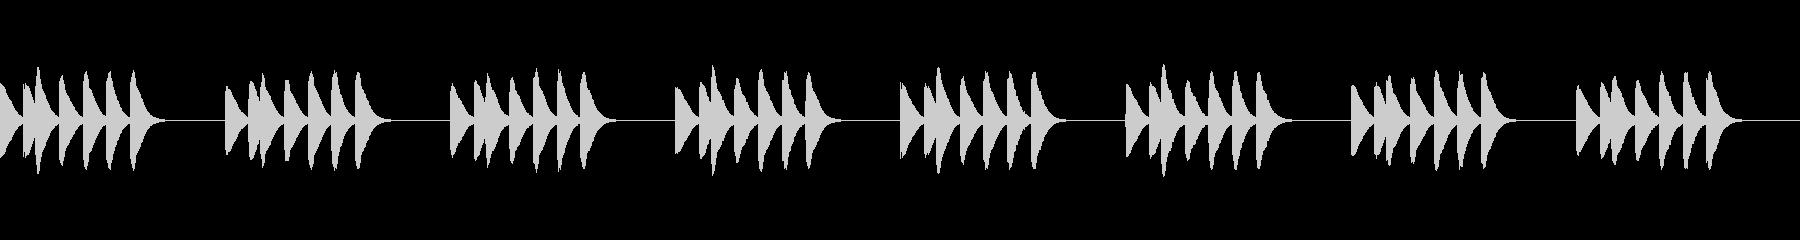 マリンバの着信音です。の未再生の波形